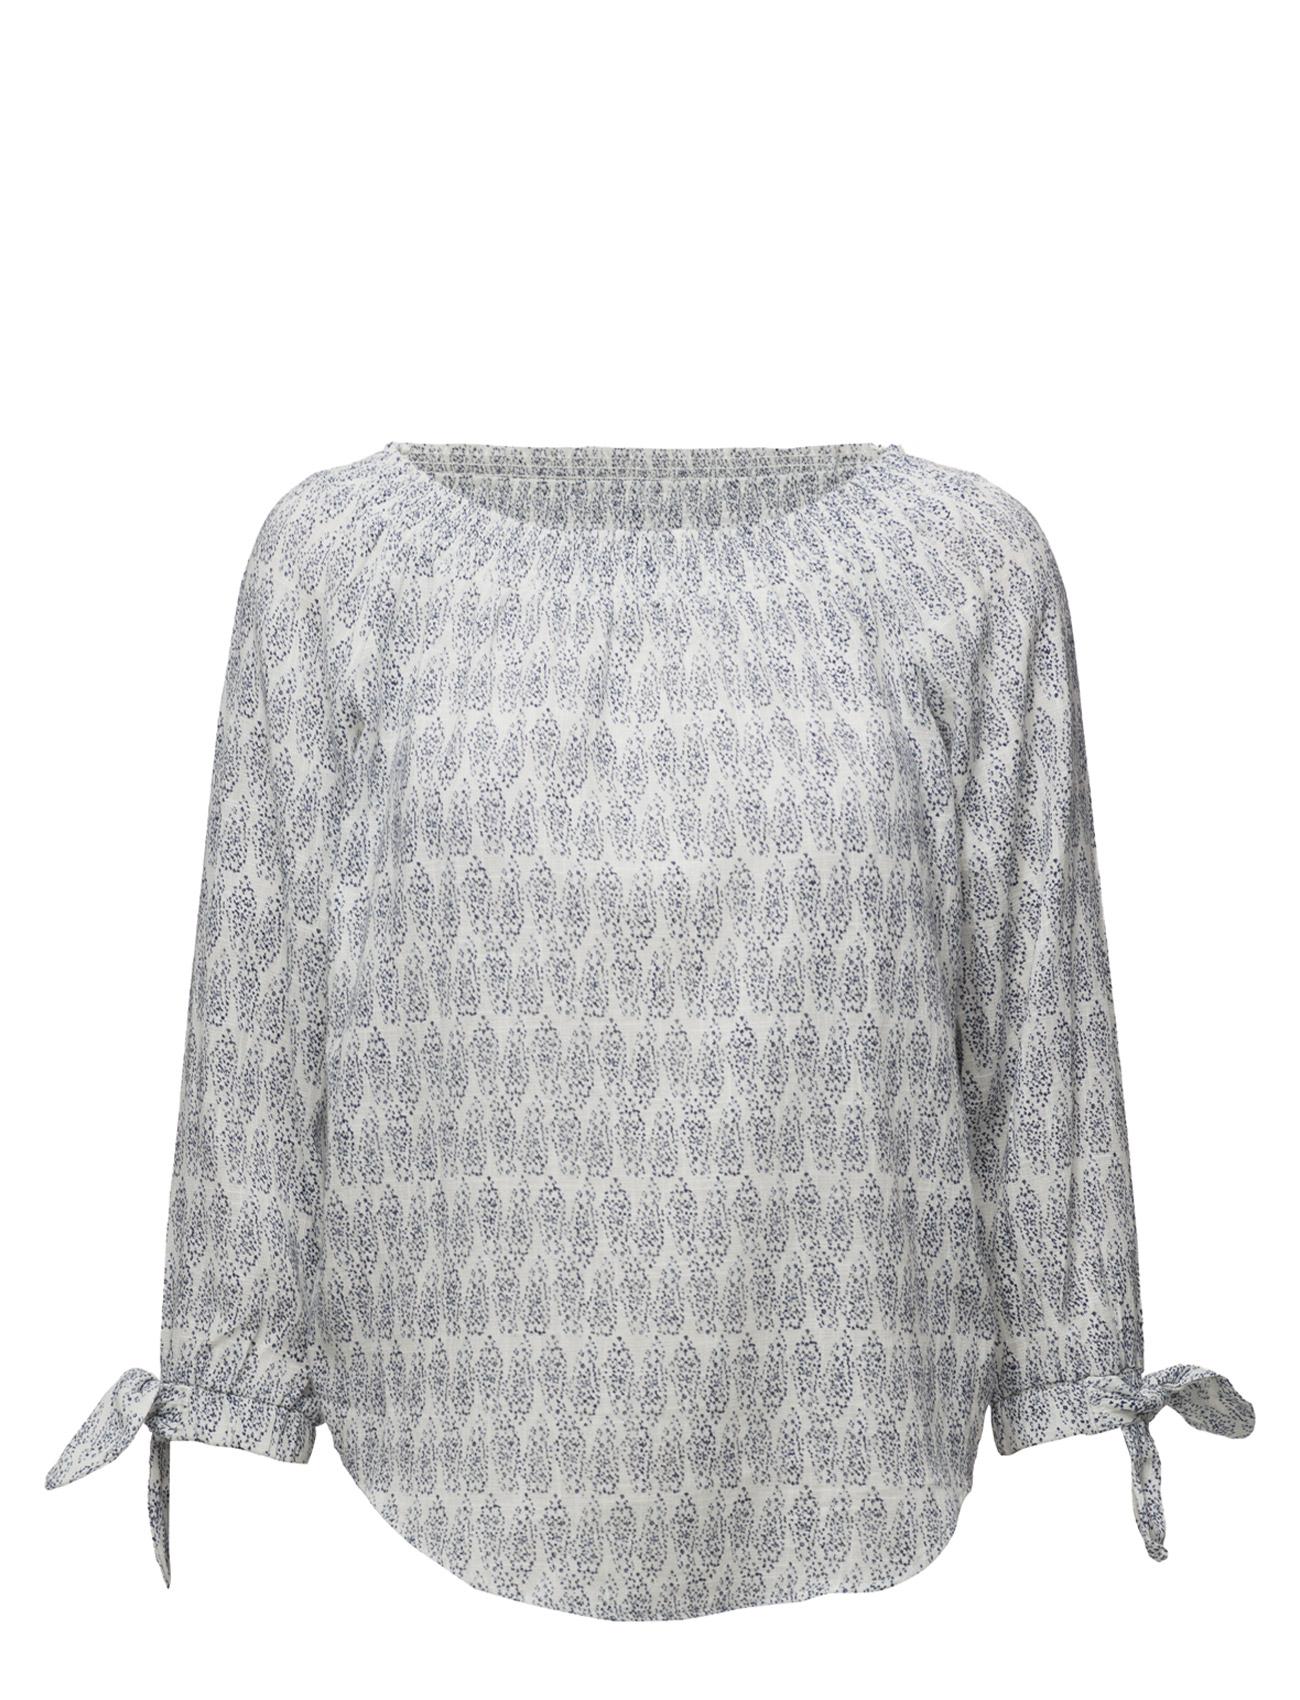 Blouses Woven Esprit Casual Bluser til Kvinder i Off White